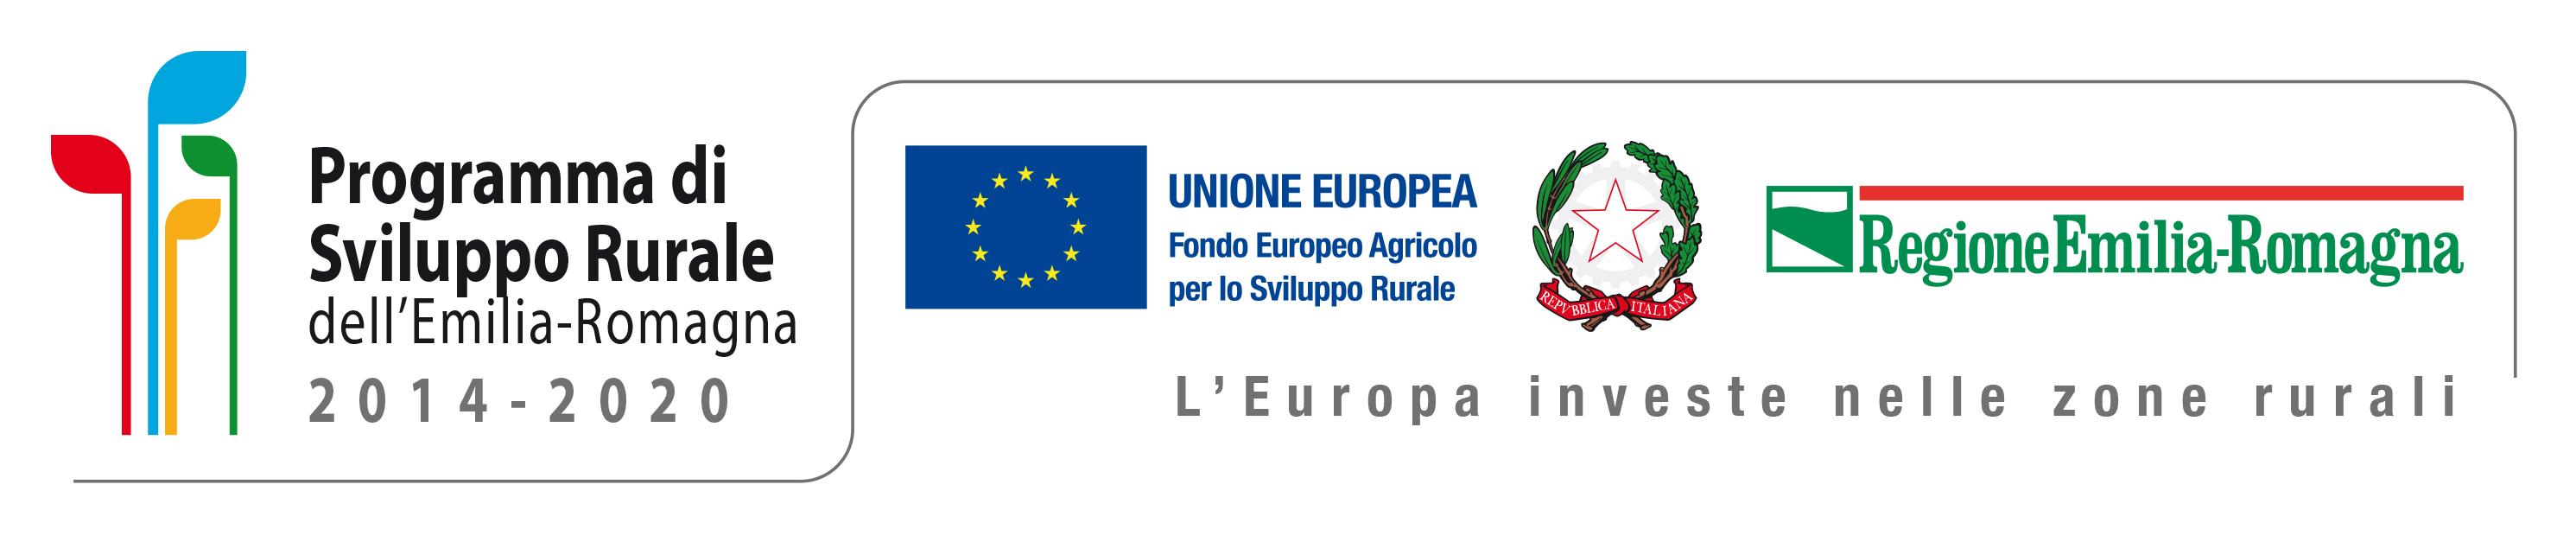 PSR 2014-2020 logo firma